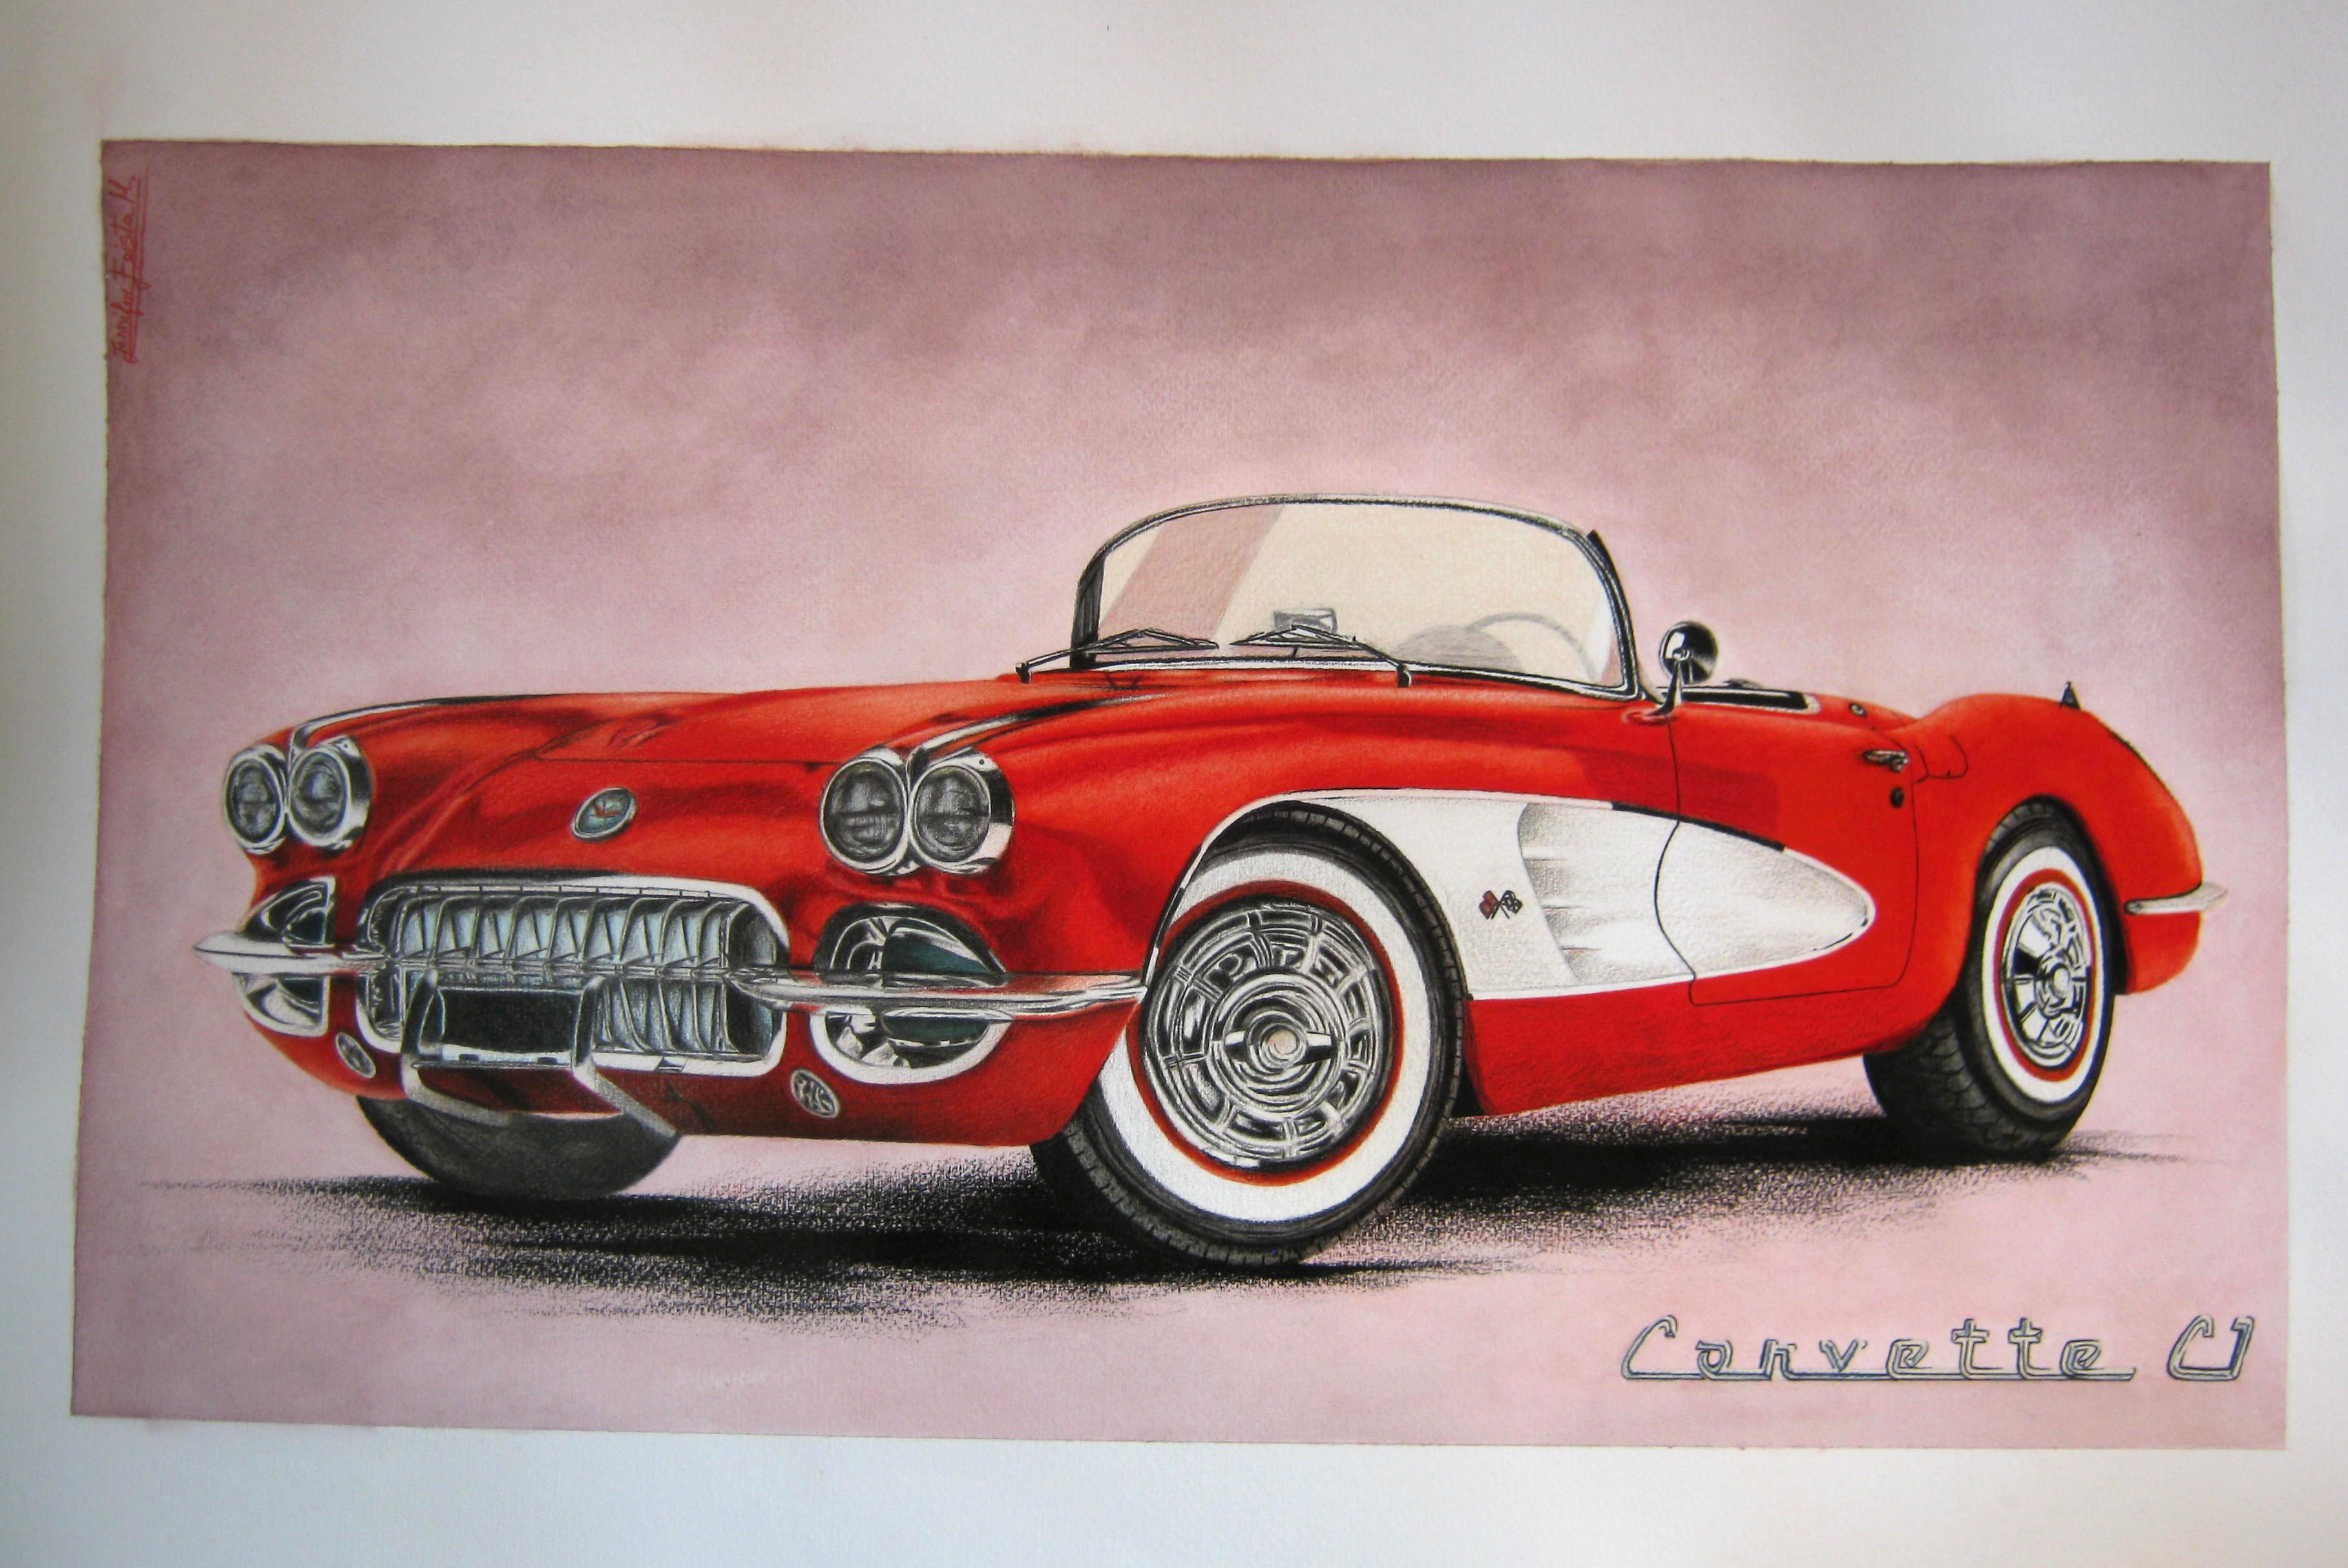 Chevrolet Corvette c1, 1958.